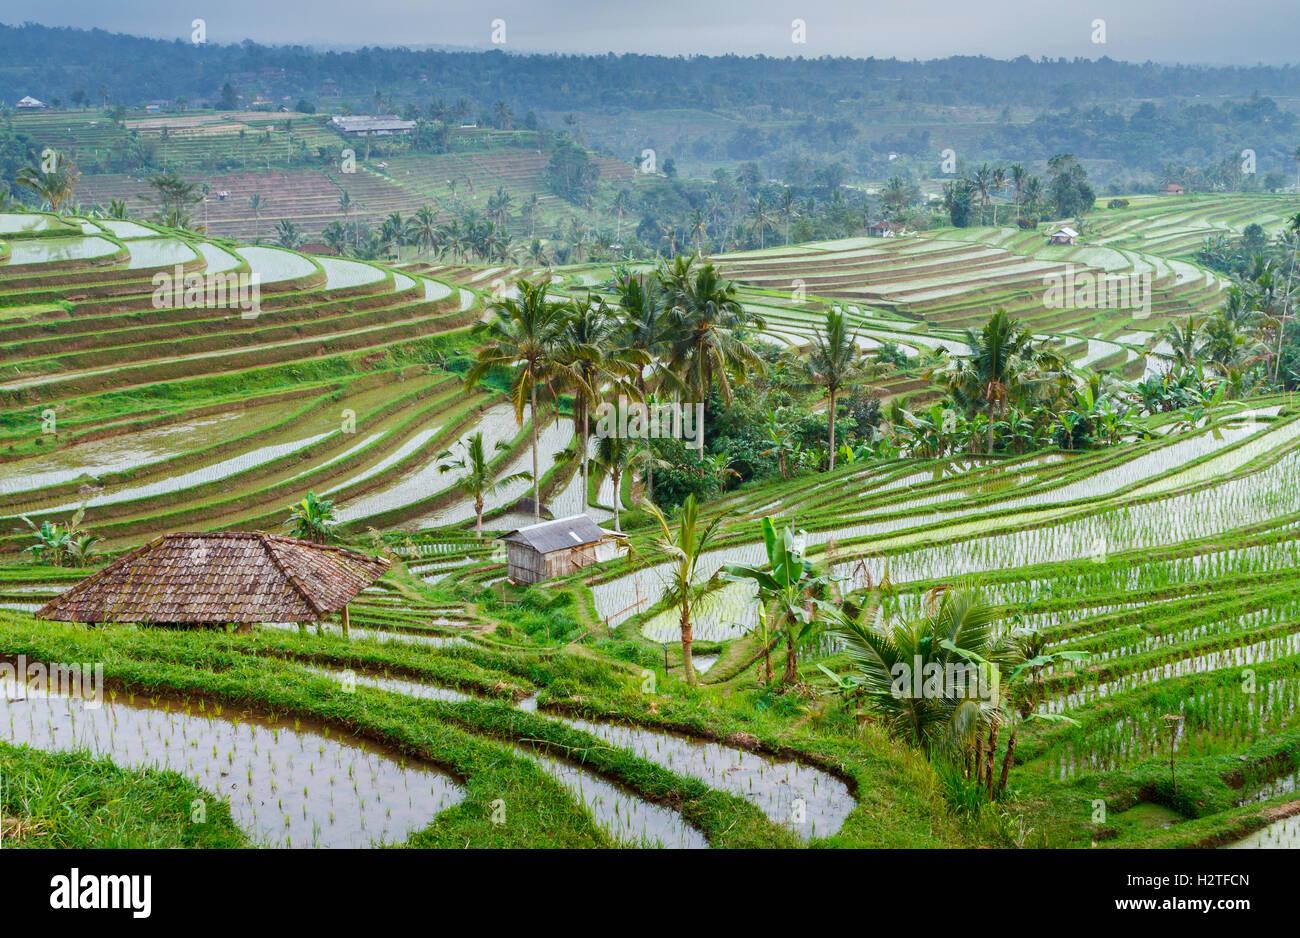 Rizières en terrasses de Jatiluwih. Bali. L'Indonésie, l'Asie. Photo Stock